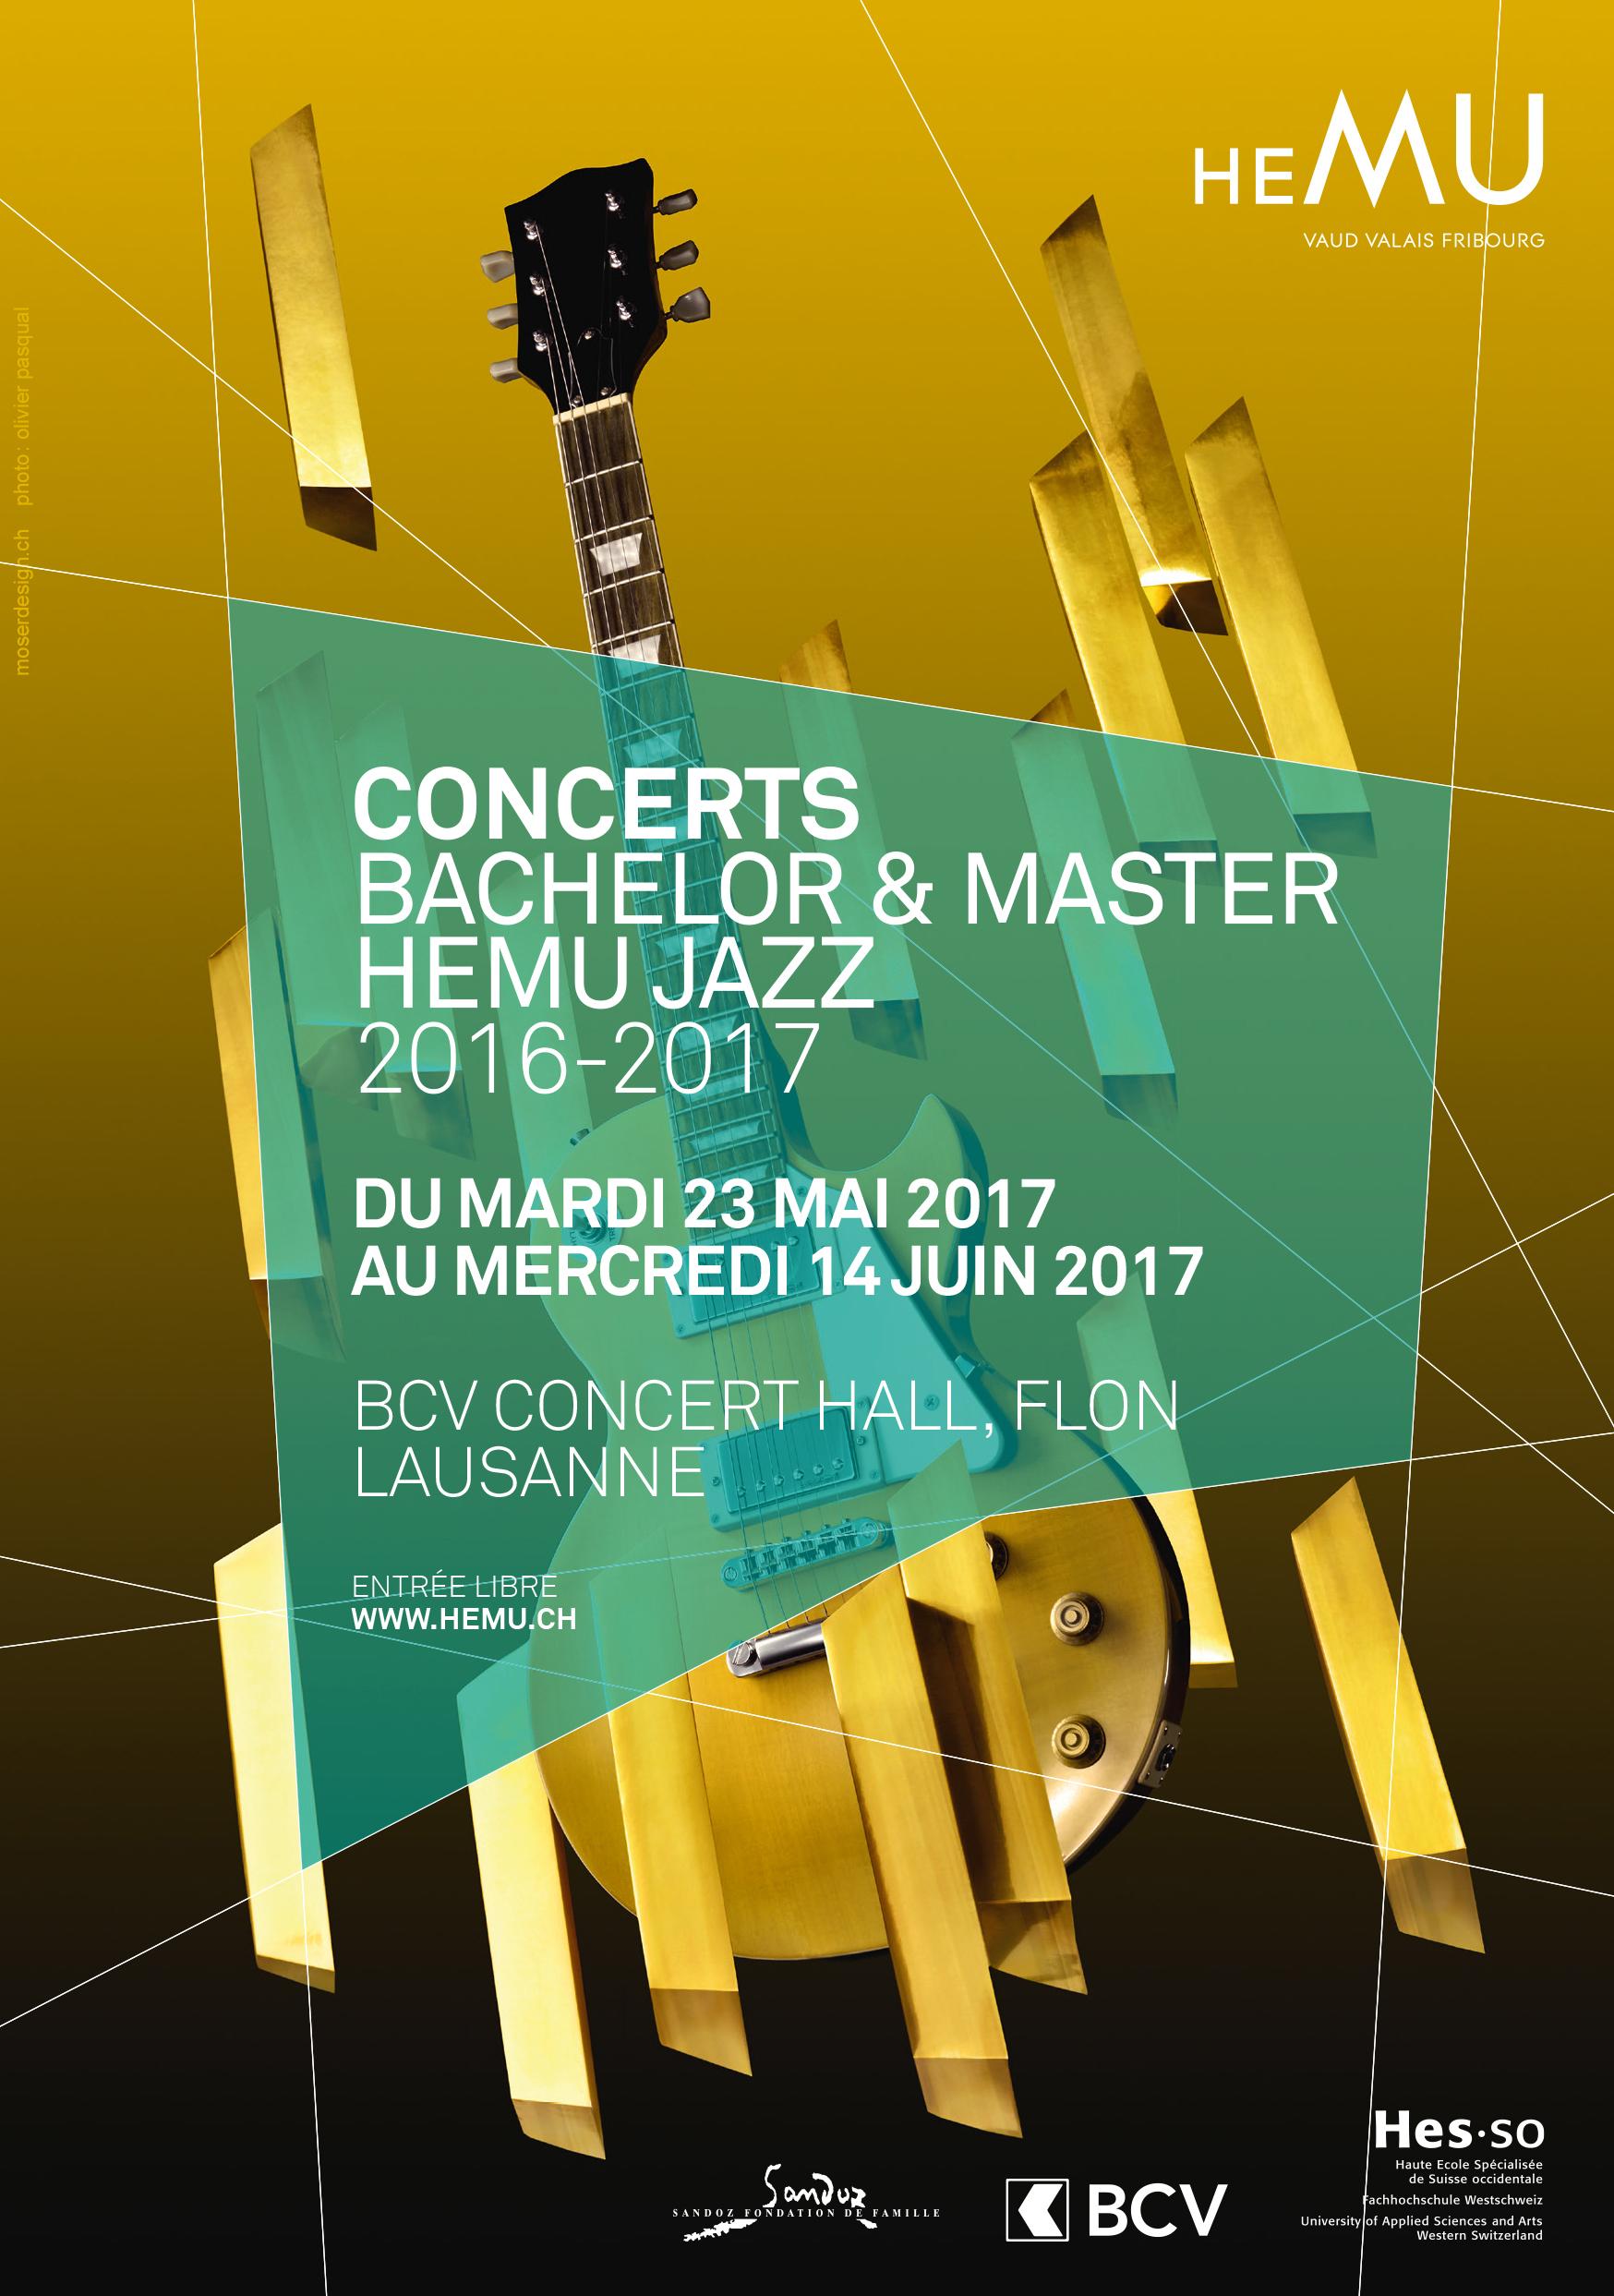 Concerts Bachelor & Master Jazz